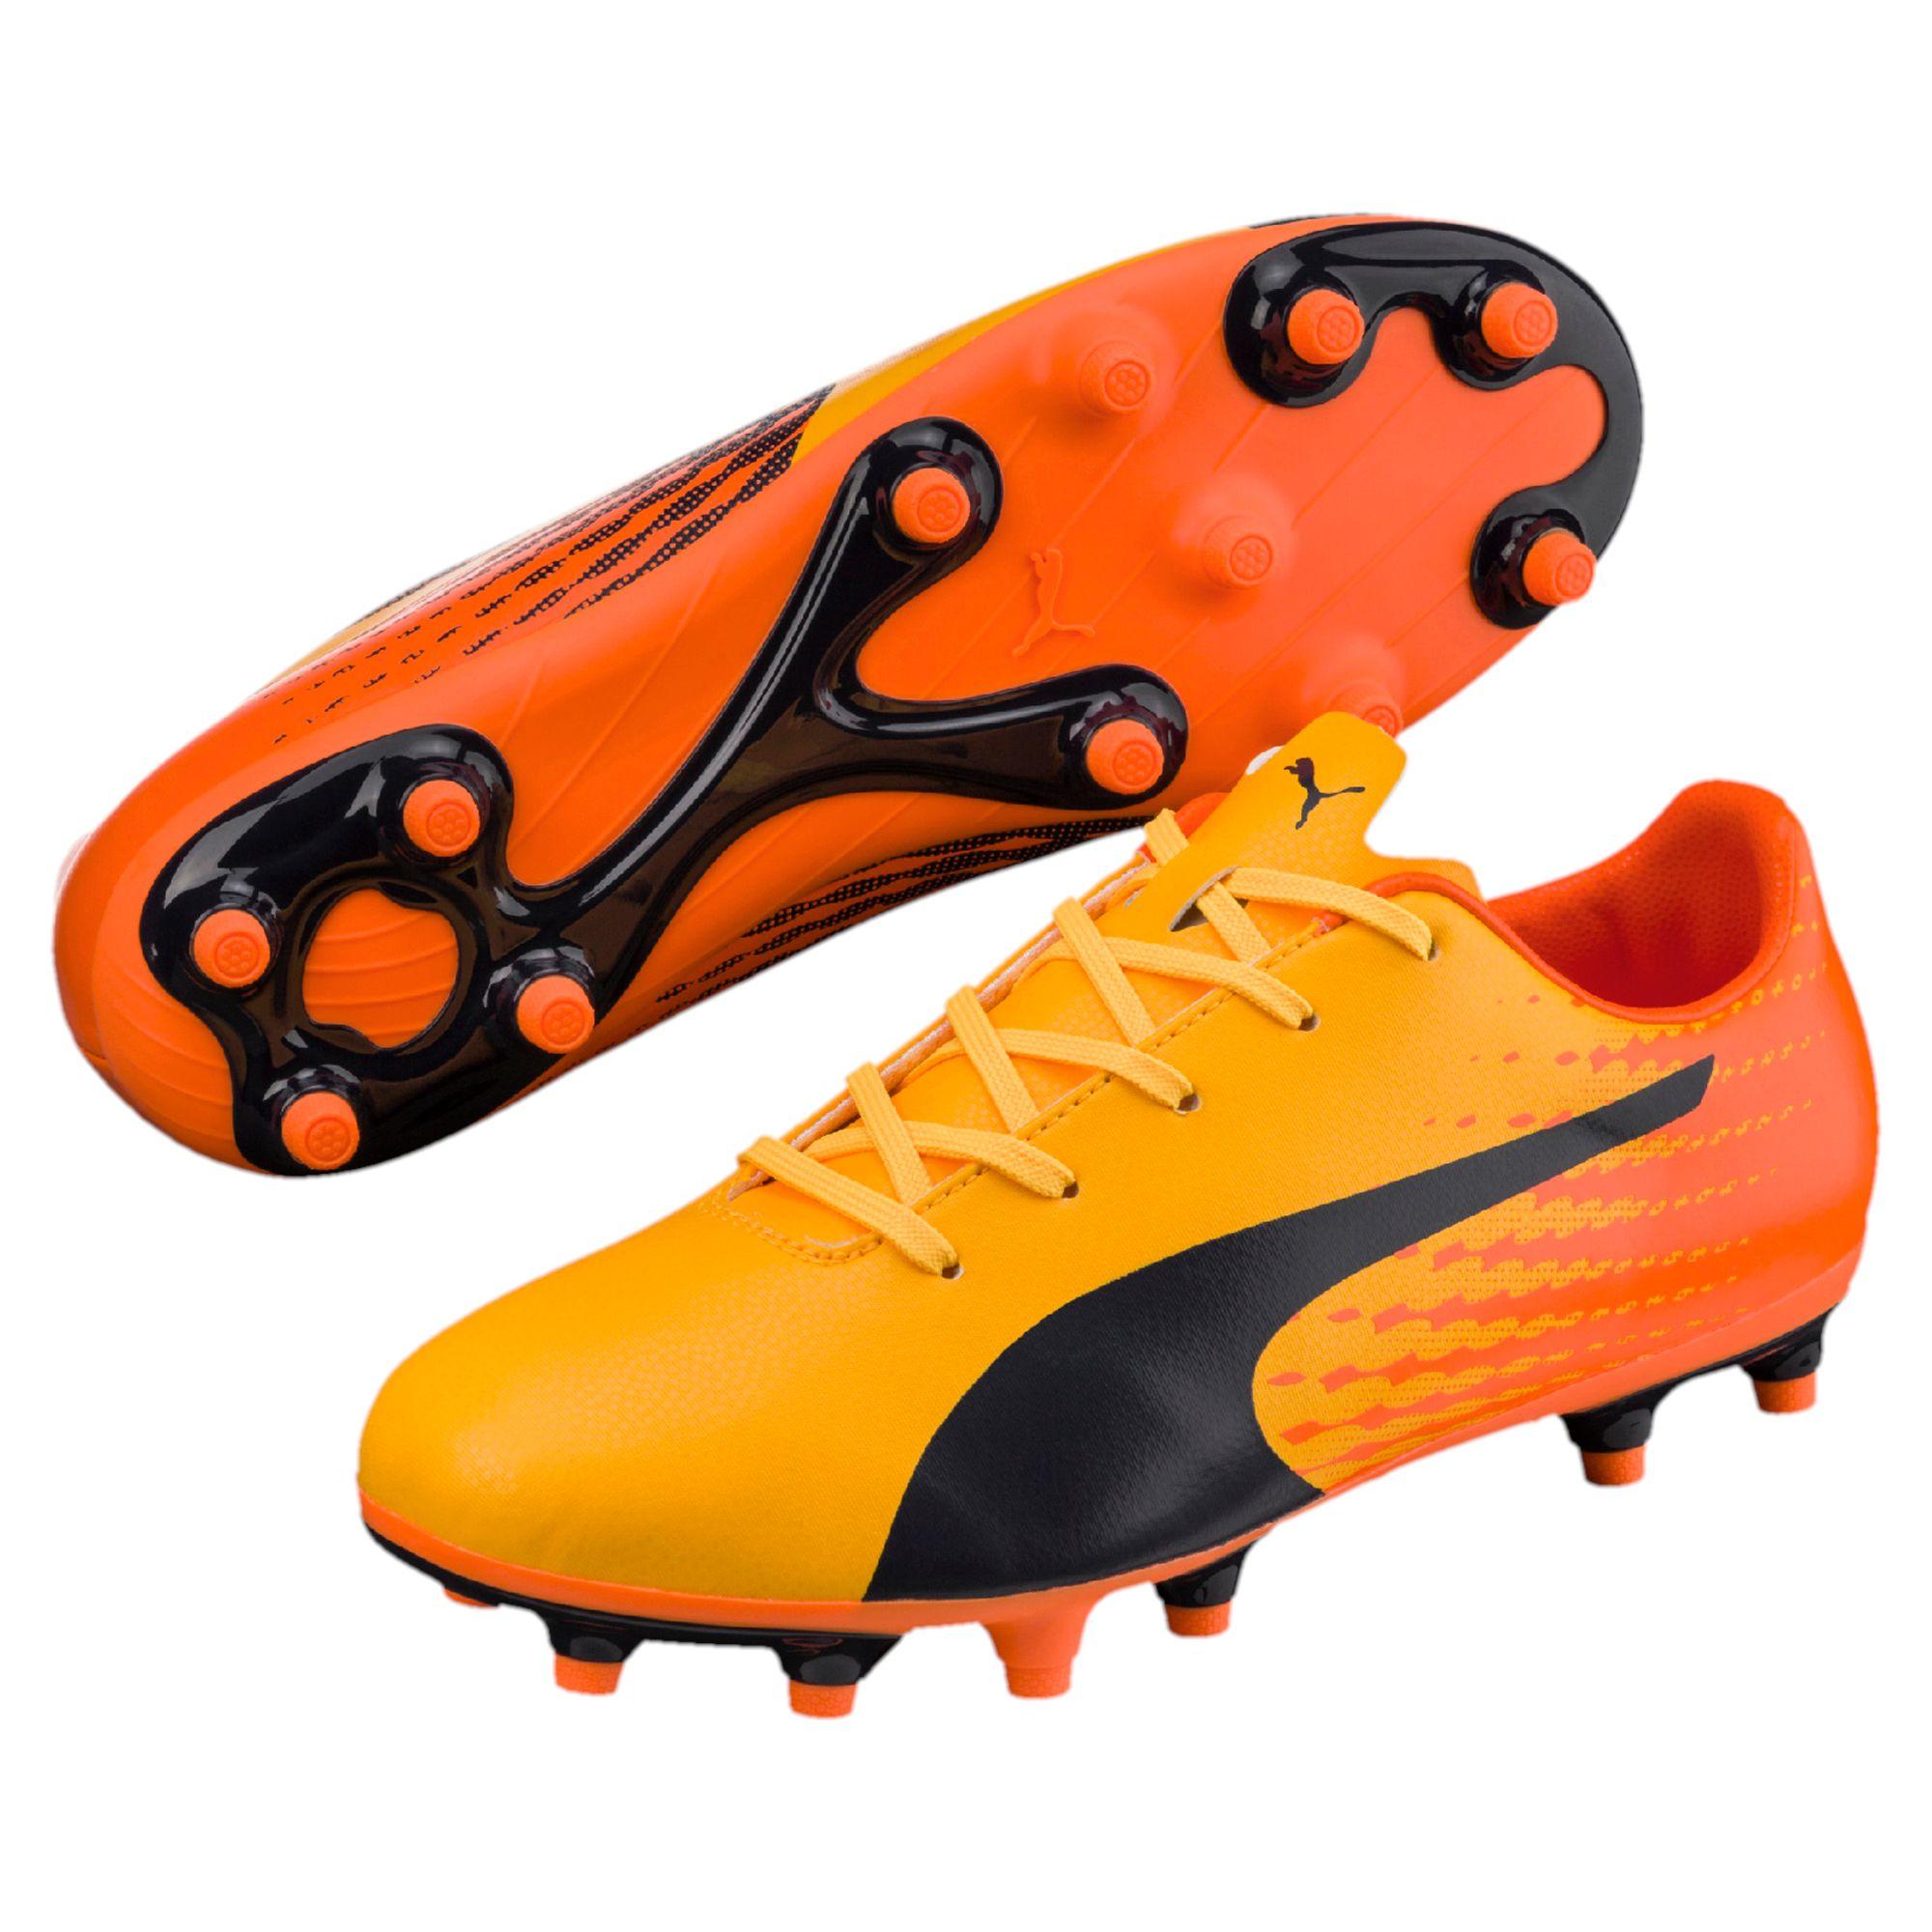 5b475183e9e46d Neu Puma Unisex 5 Fußball 17 Fg Kinder Evospeed Fußballschuhe Schuhe  X0wNO8nPk